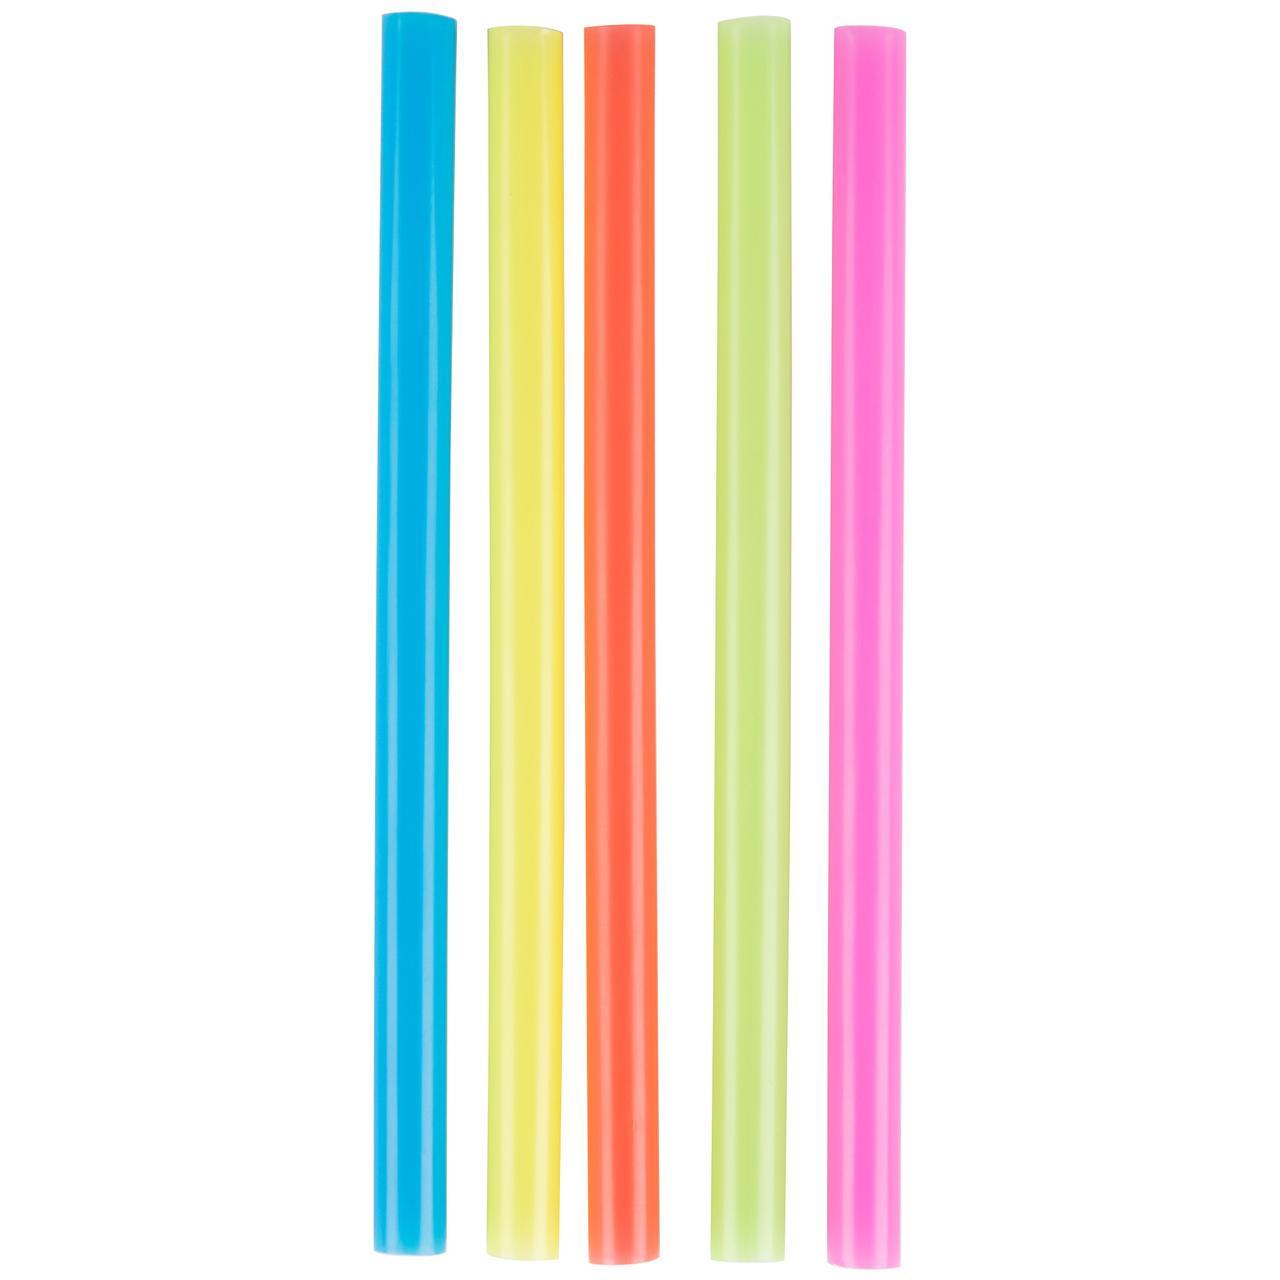 Соломка трубочка толстая цветная Фреш MAXI для коктейлей напитков 25 см d=7 мм 500 шт